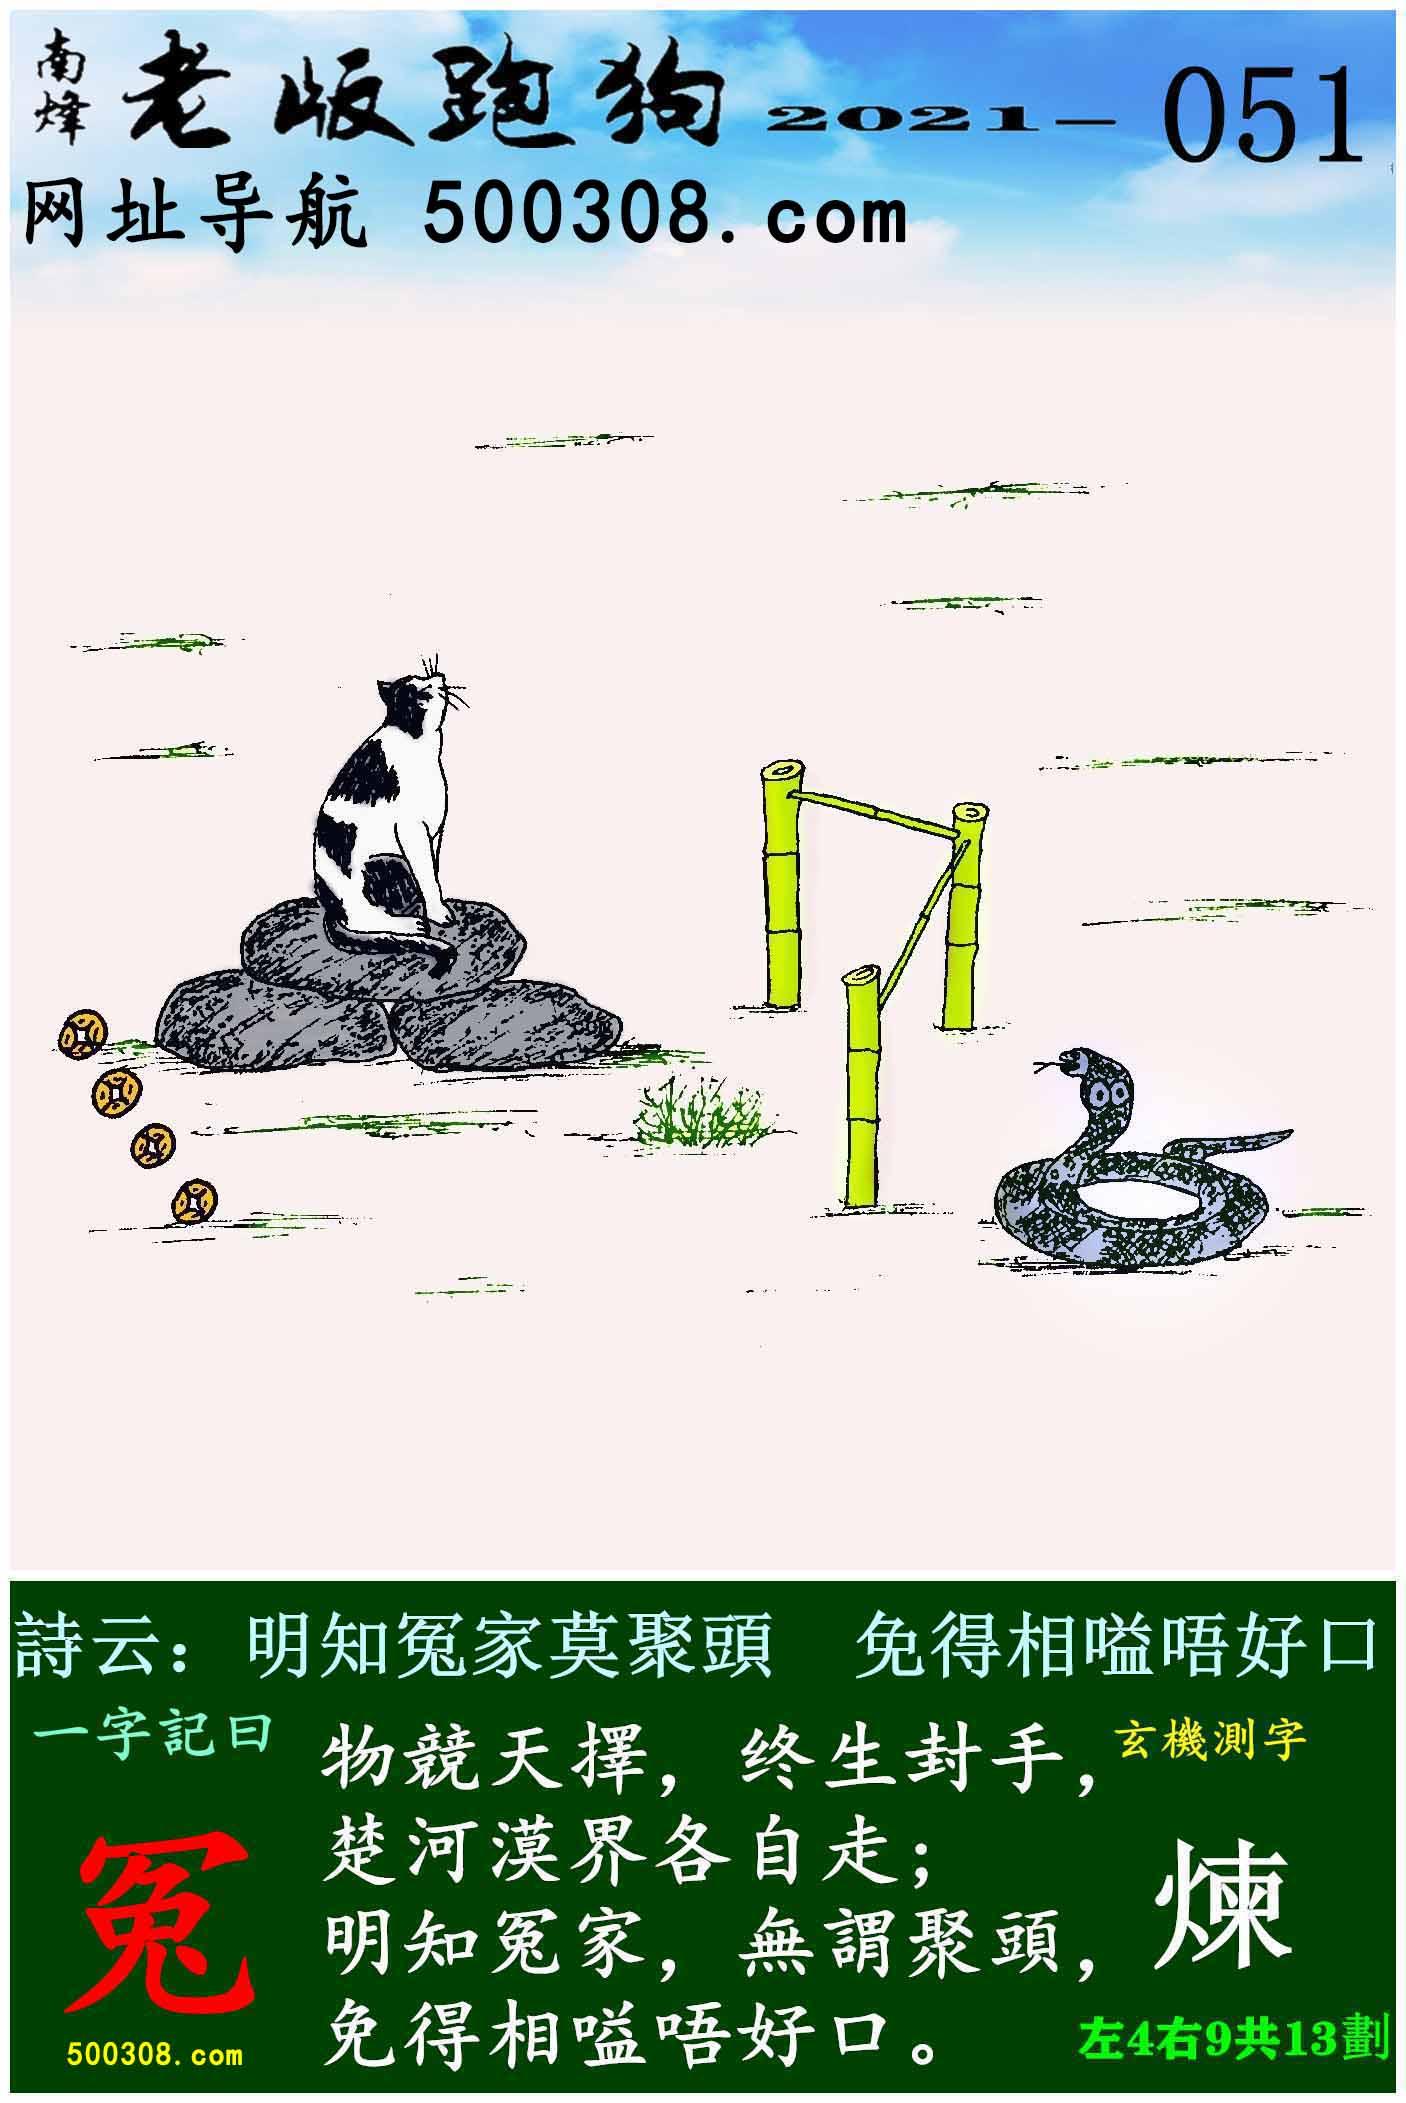 051期老版跑狗一字�之曰:【冤】 ��:明知冤家莫聚�^,免得相嗌唔好口。